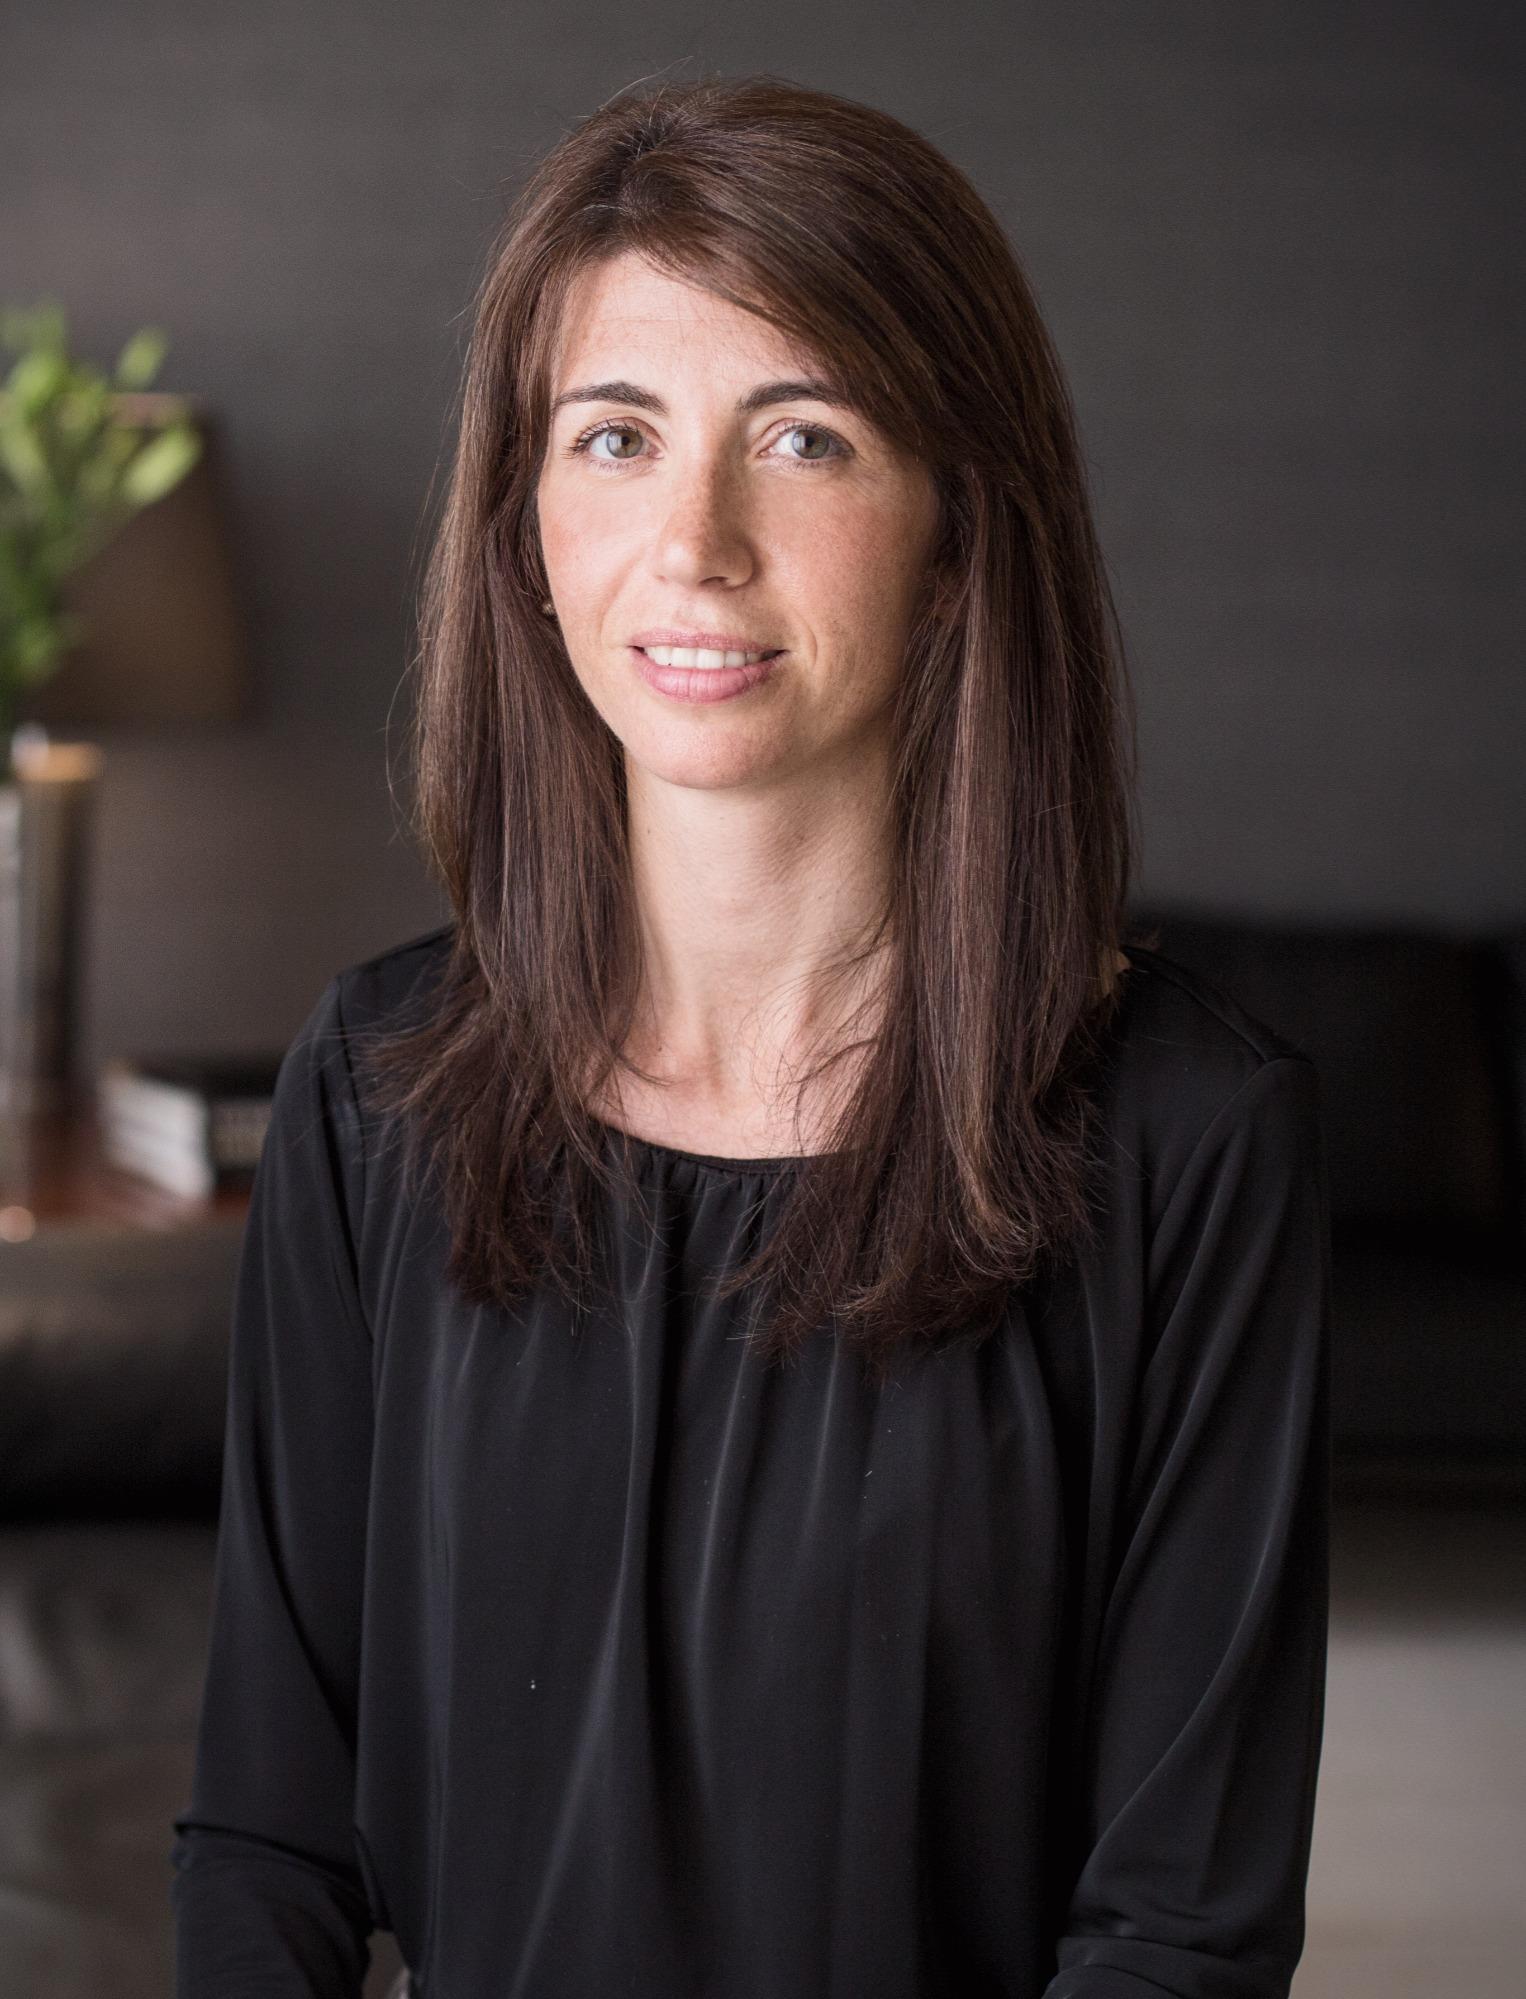 Maria Roquette Cardoso